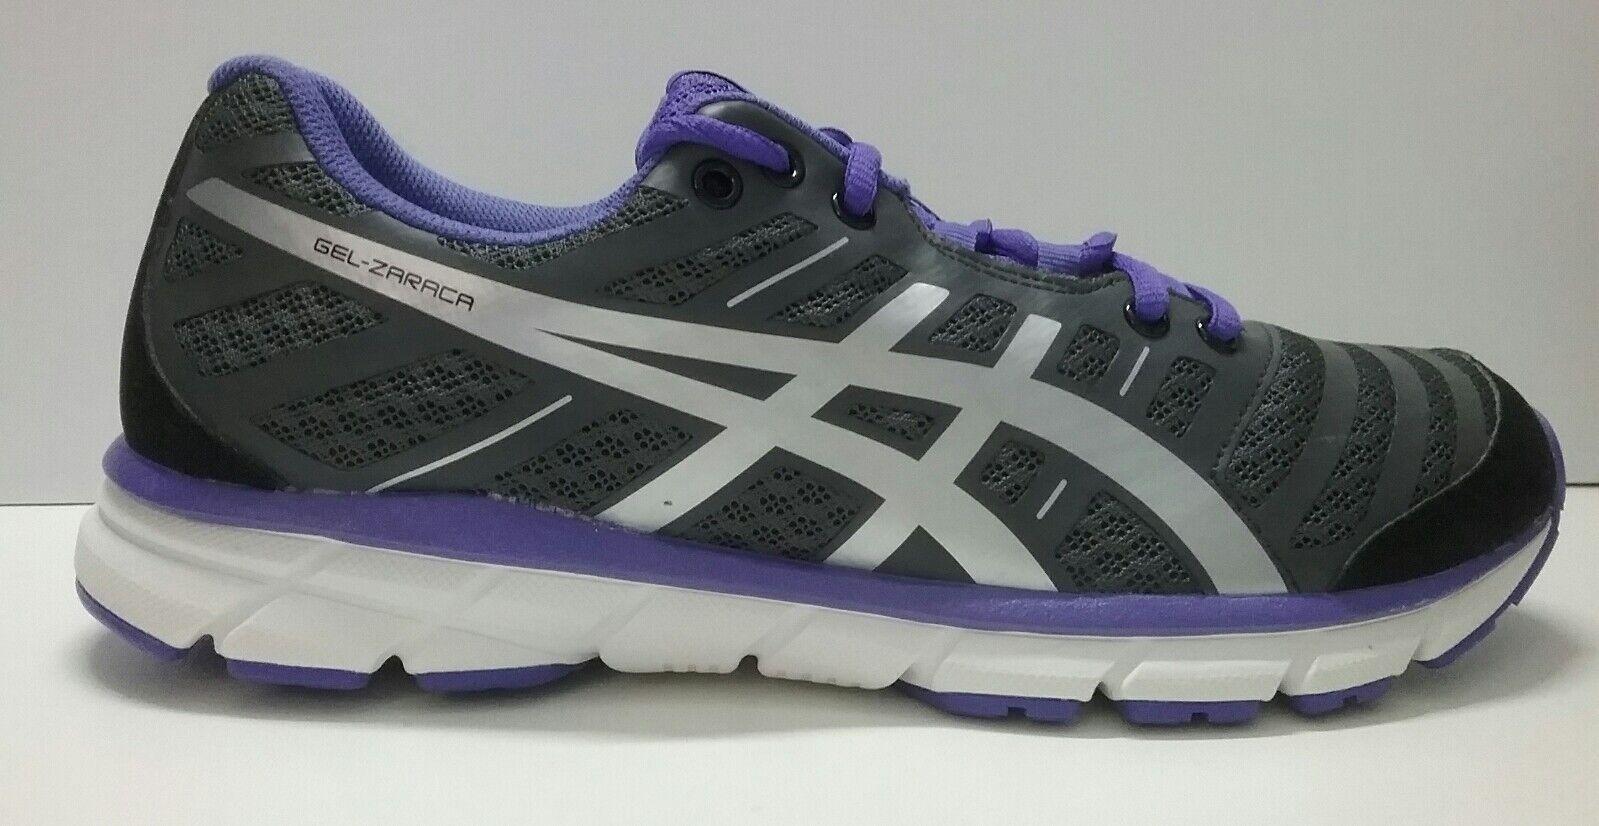 Asics gel zaraca 2 zapatillas zapatos aerobic cortos fitness entrenamiento Shoe nuevo